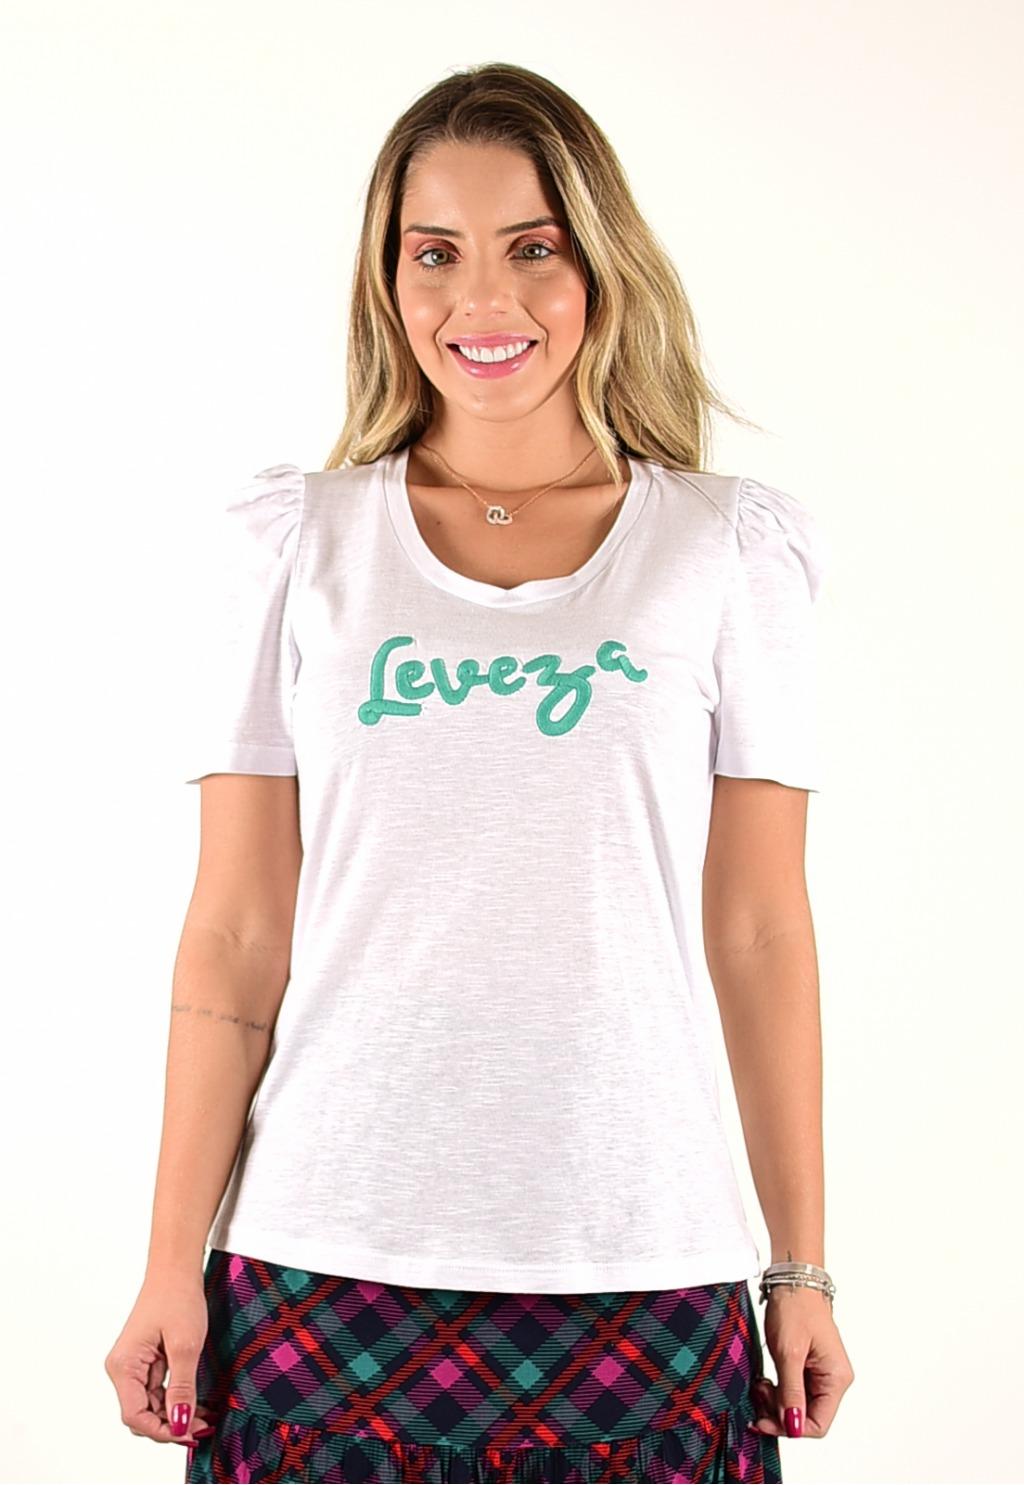 T-shirt Mamorena com bordado leveza